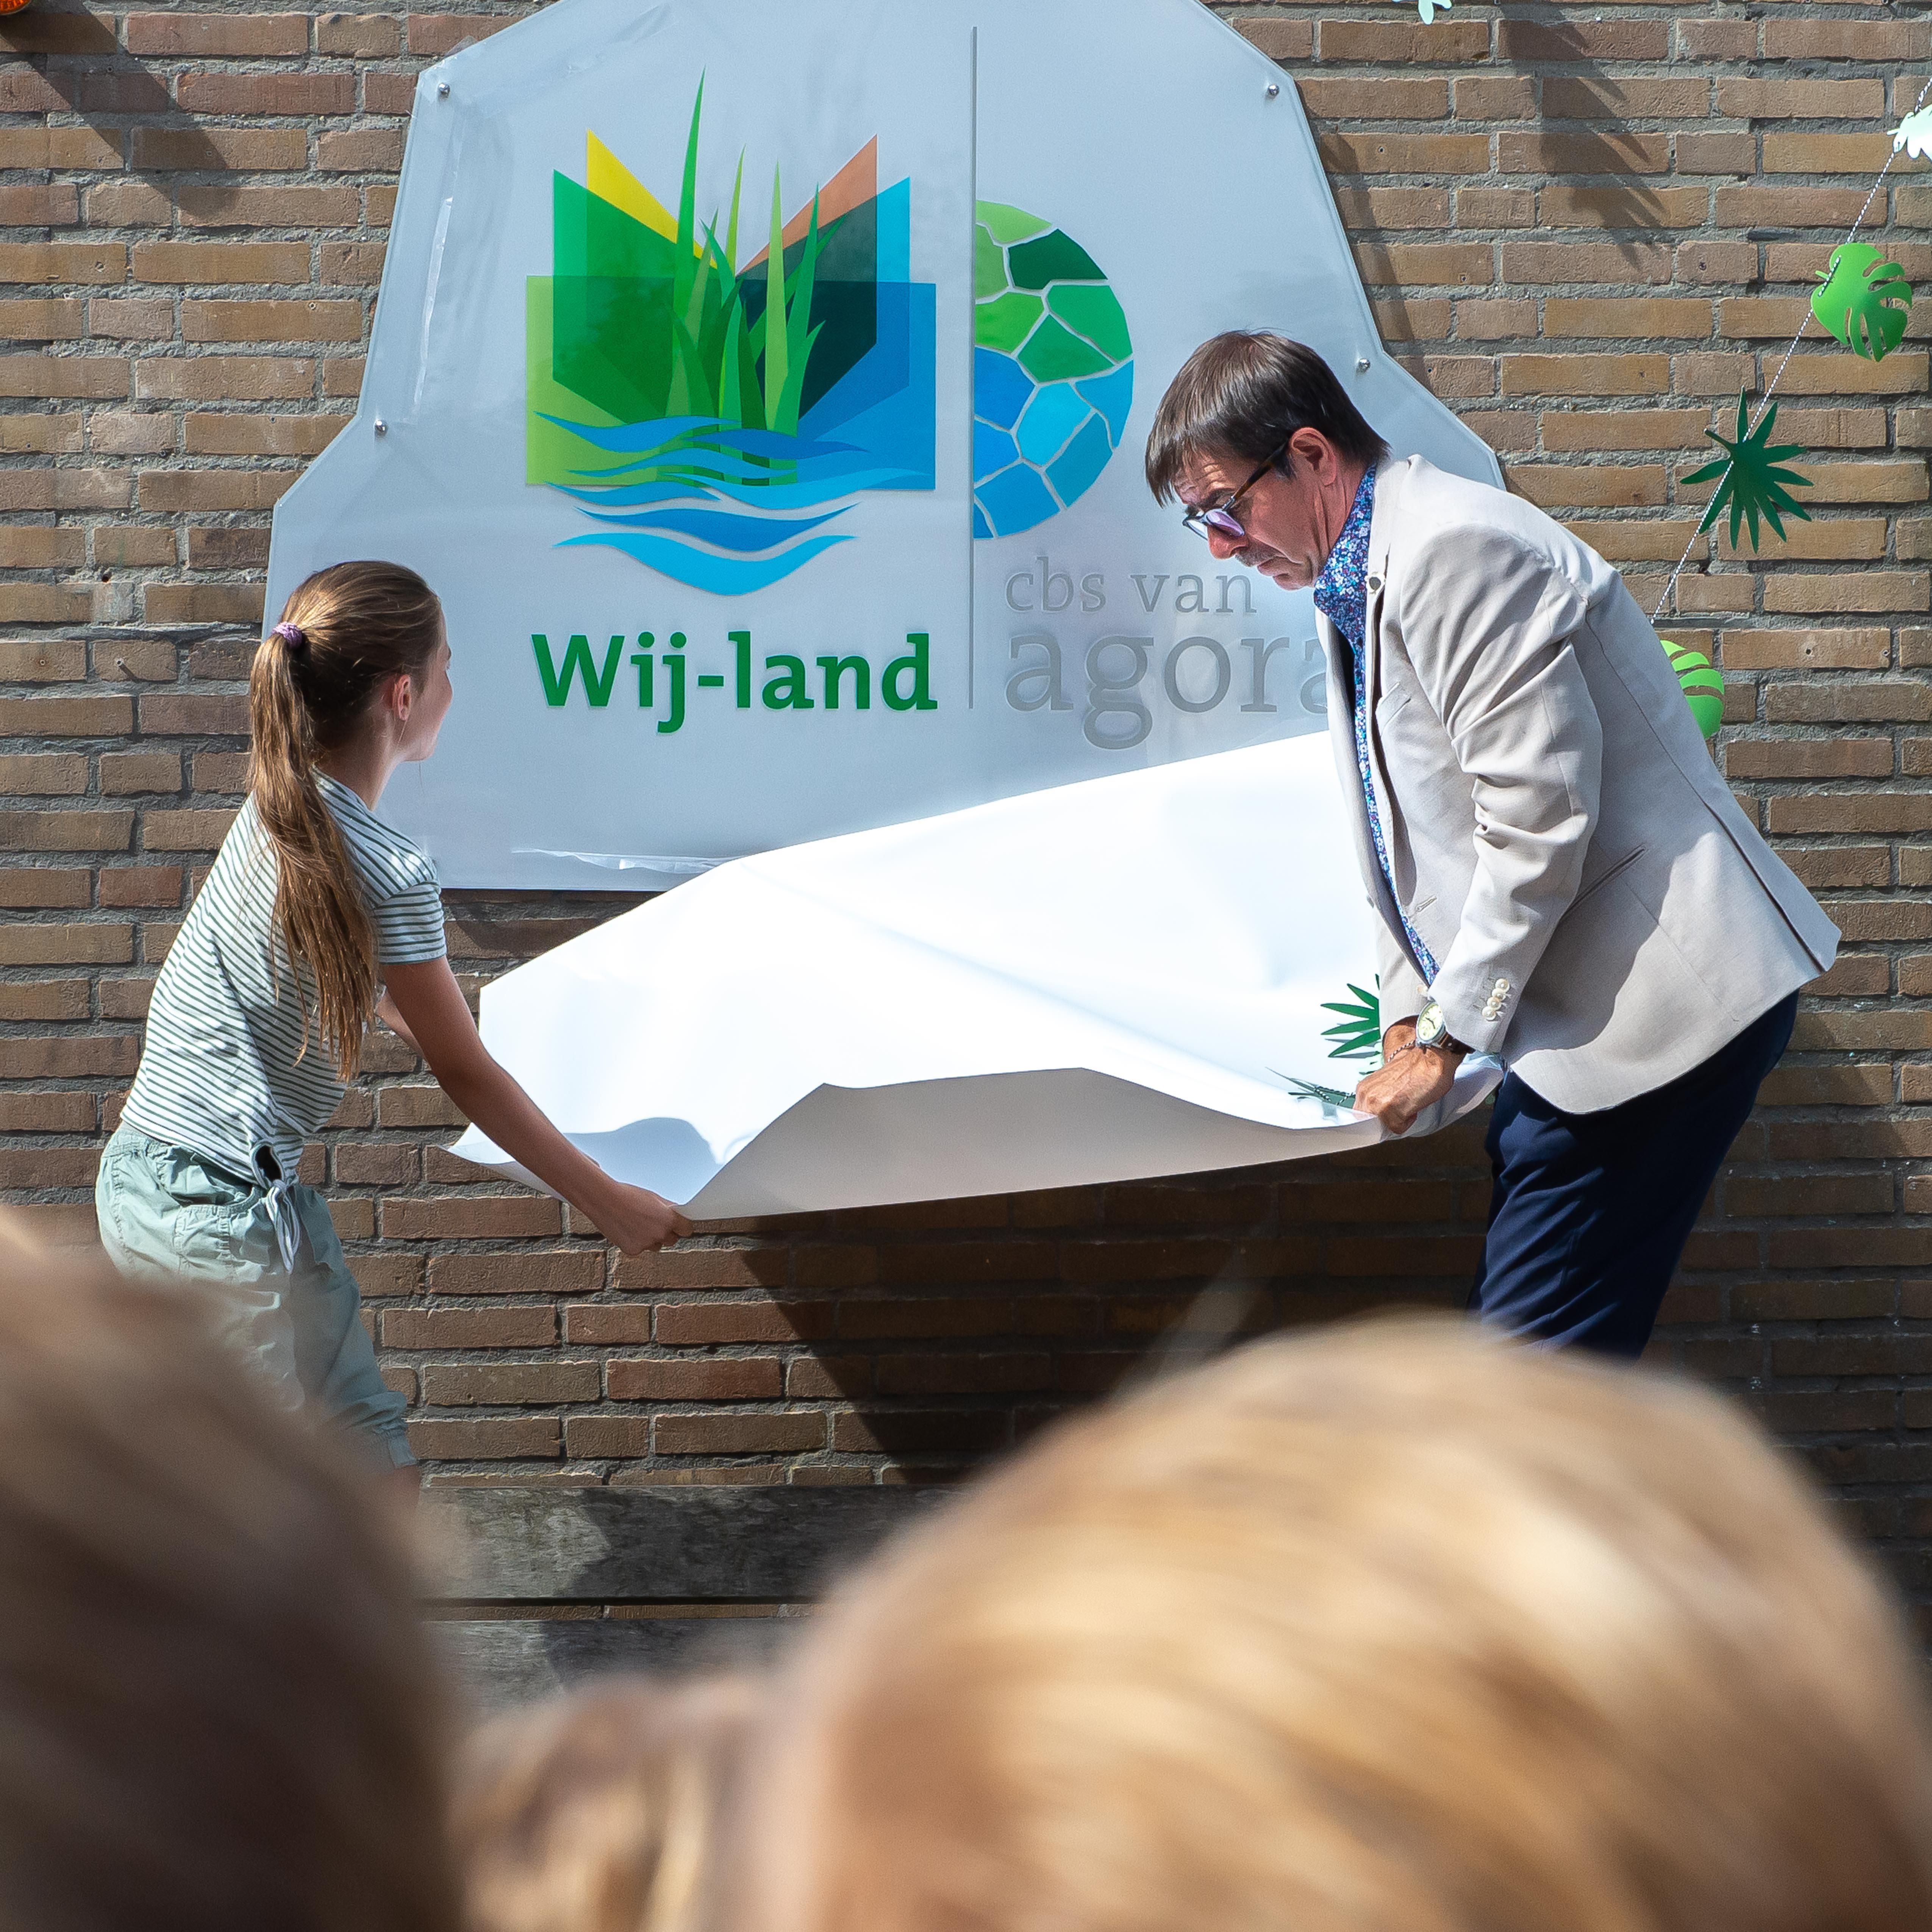 Basisschool De Rank in Westzaan en Assendelft heet nu Wij-land